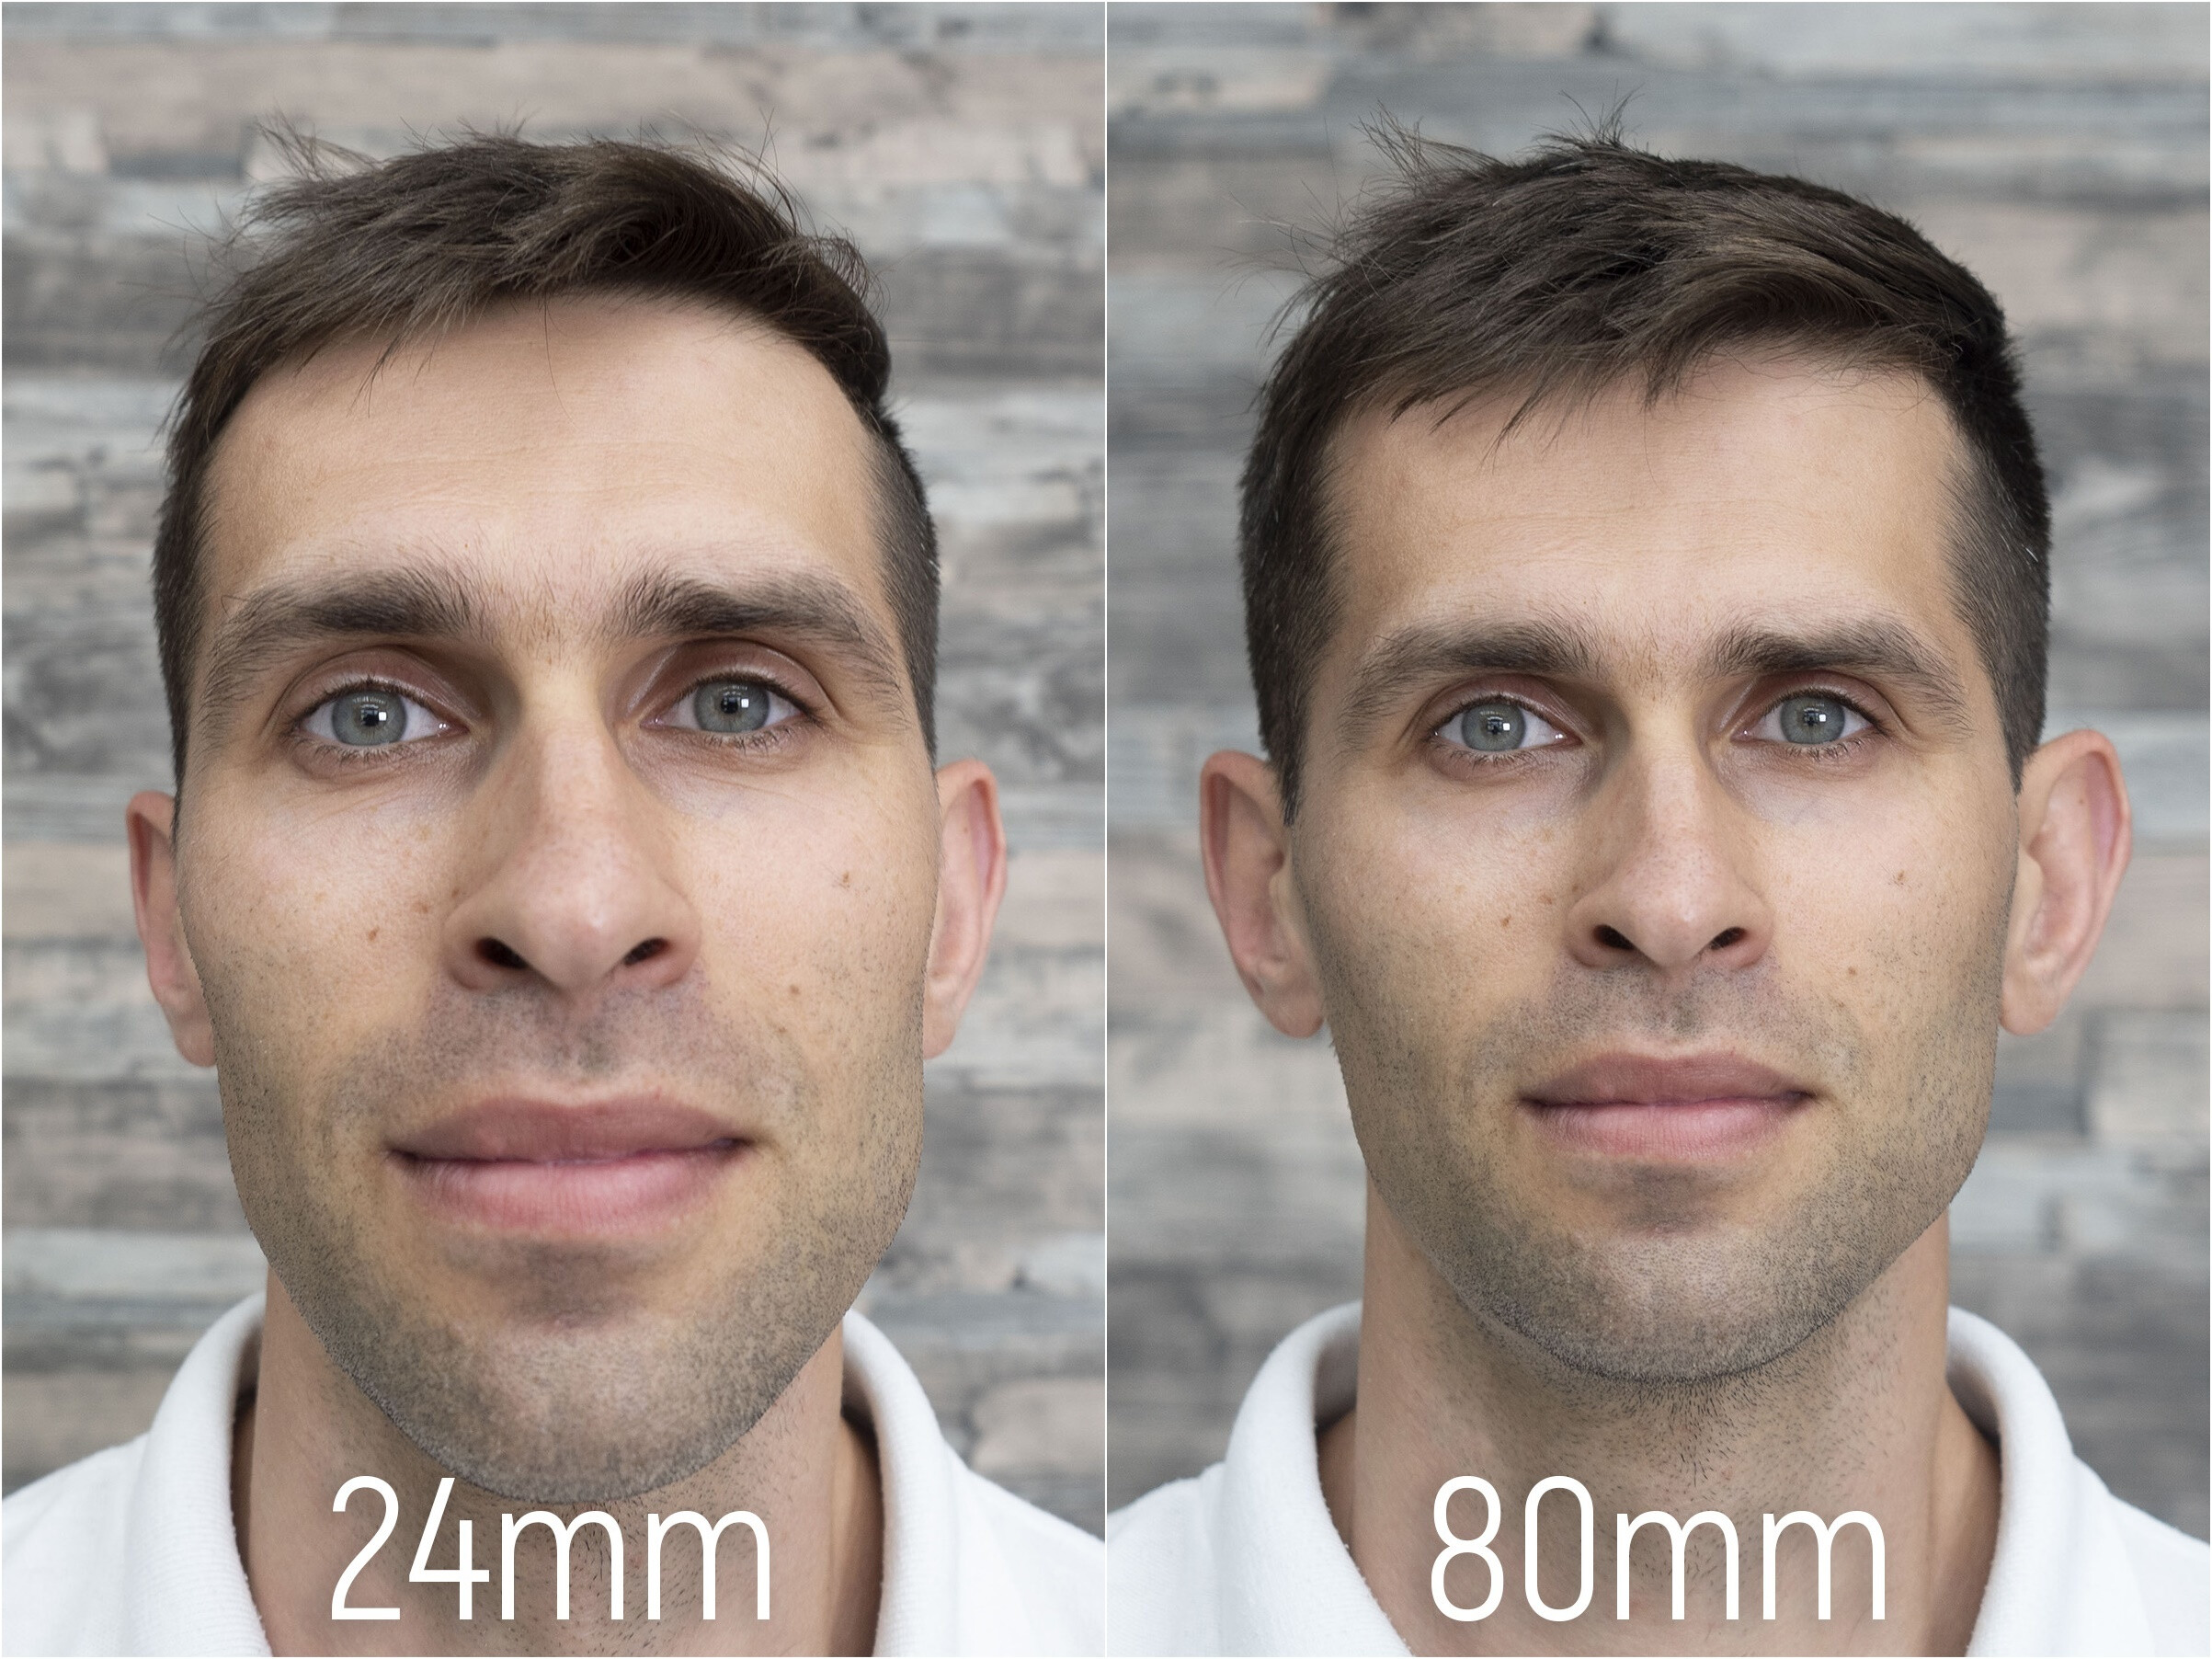 portrait-distances2.jpg